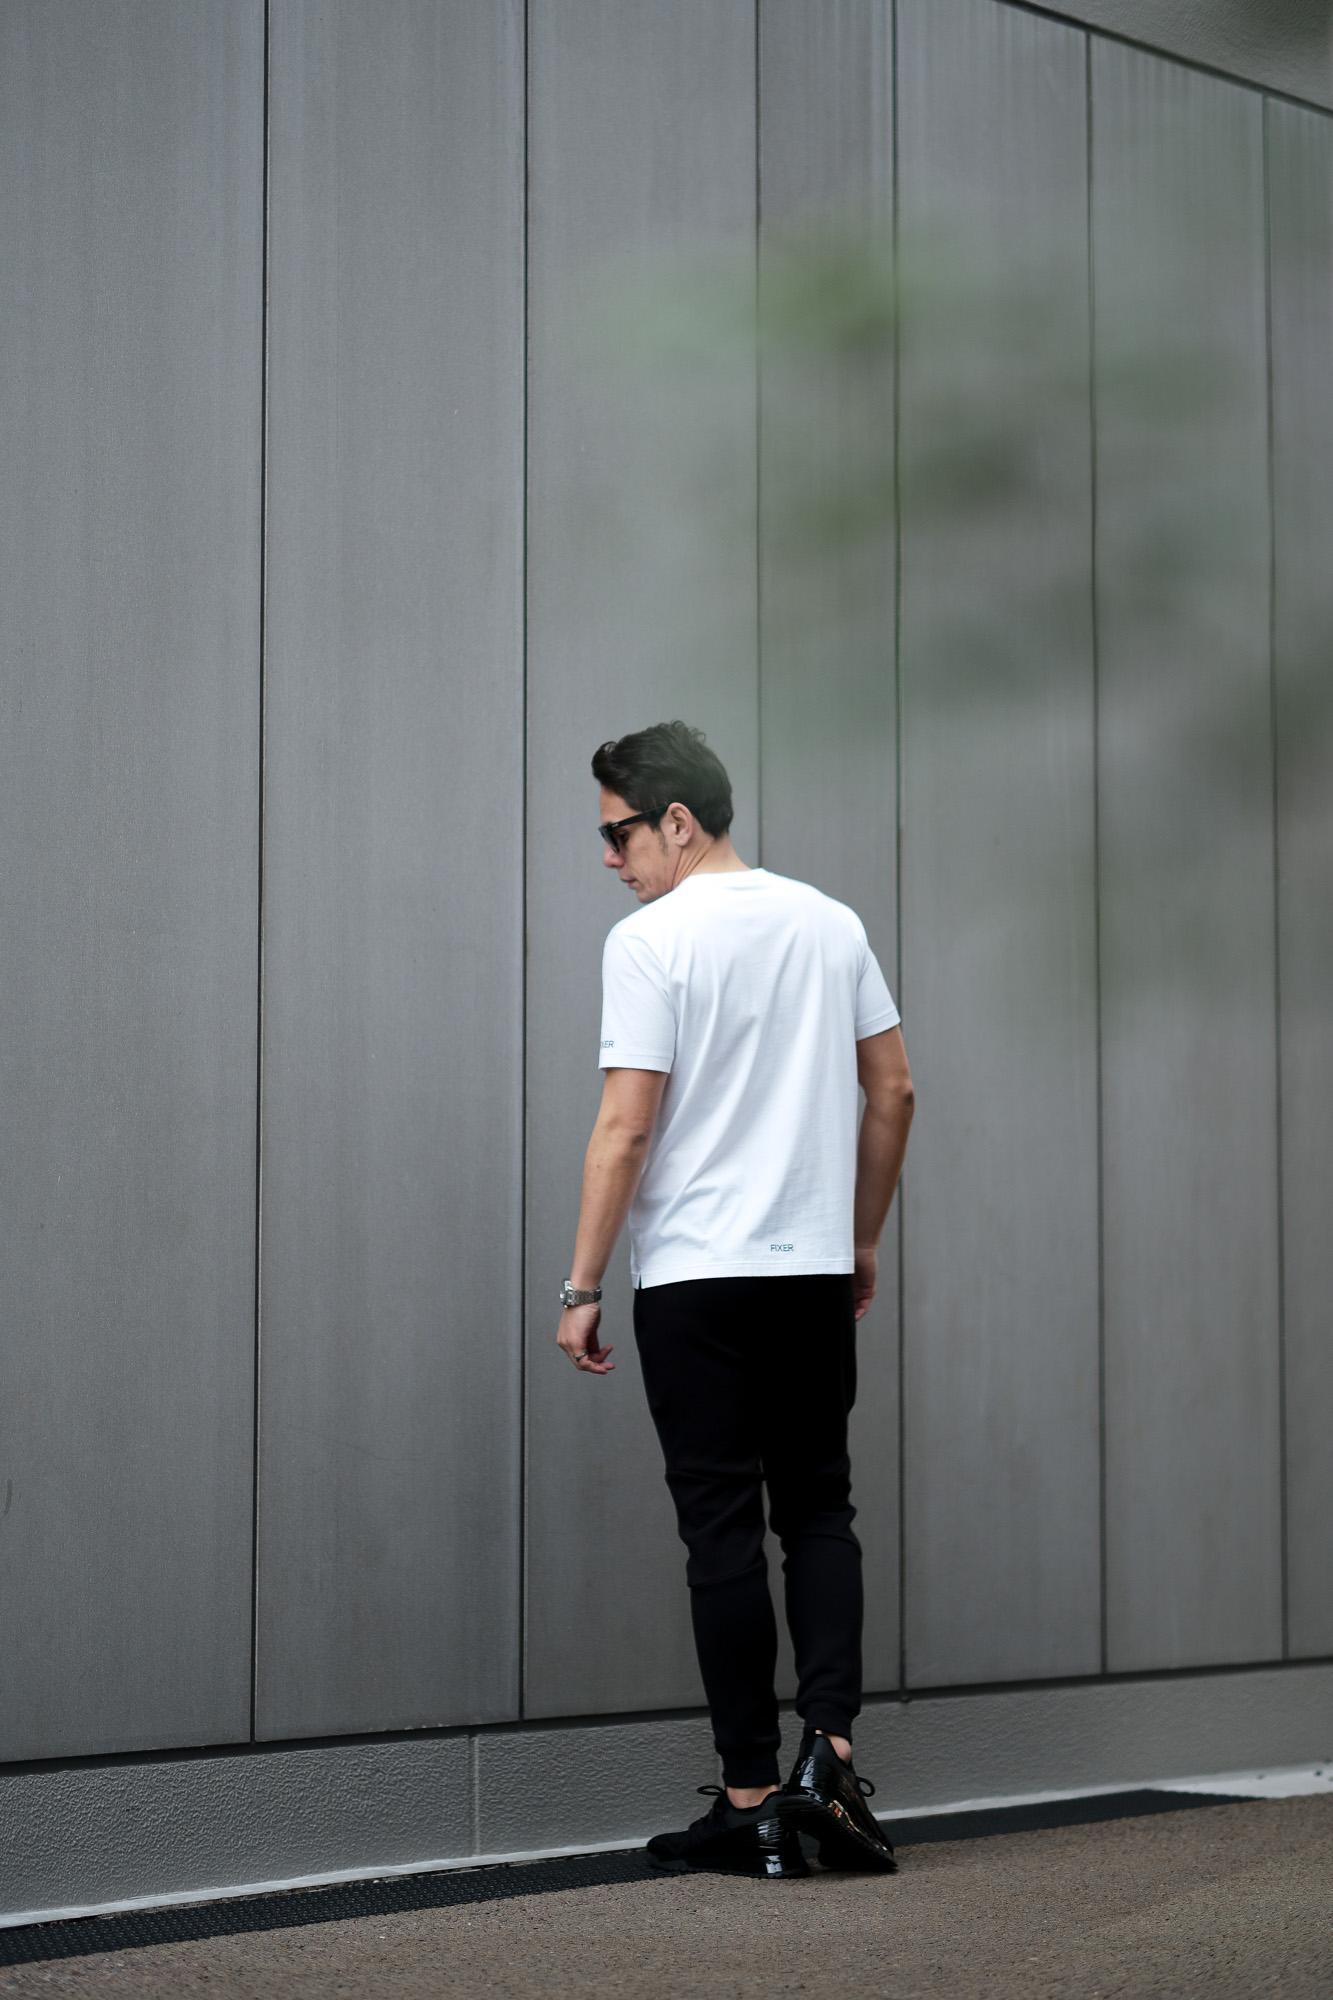 FIXER (フィクサー) FTS-01(エフティーエス01) 2 Print Crew Neck T-shirt 2プリントTシャツ WHITE (ホワイト) 【発売中】 愛知 名古屋 Alto e Diritto altoediritto アルトエデリット Tシャツ スペシャルモデル 半袖TEE